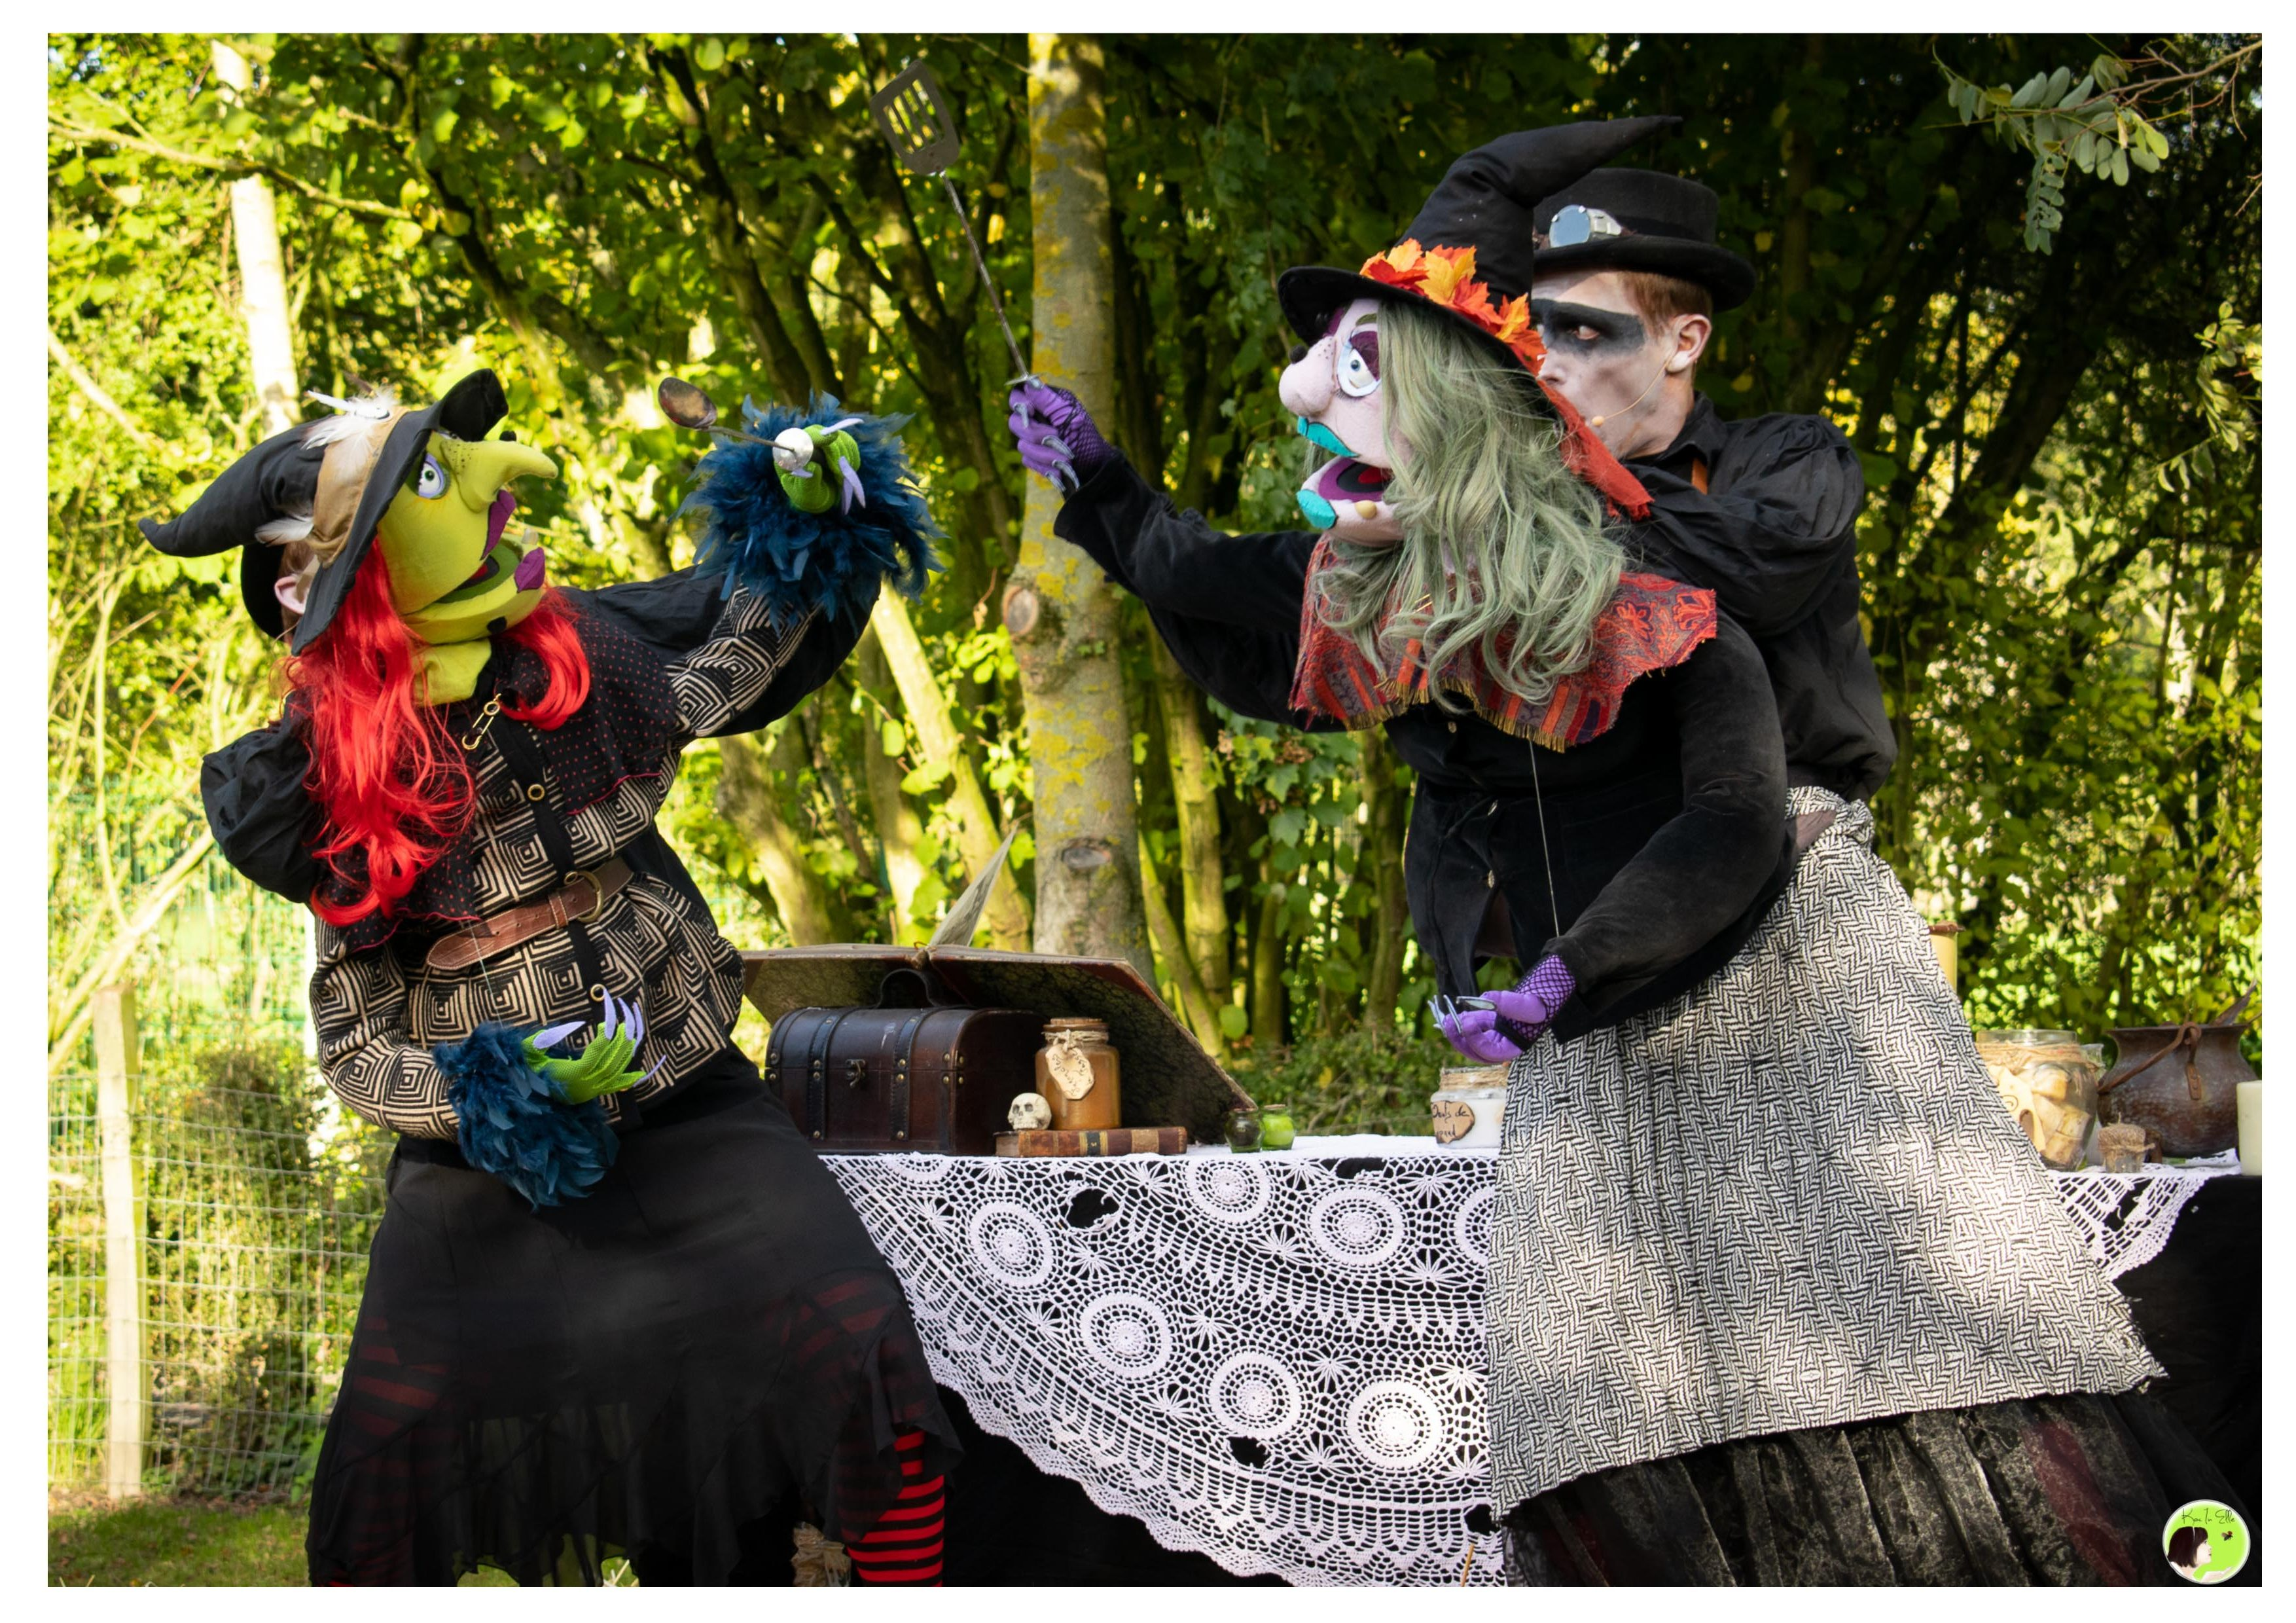 2019 10 26 - Fête de la sorcière - Combin'arts - Sorcières-44